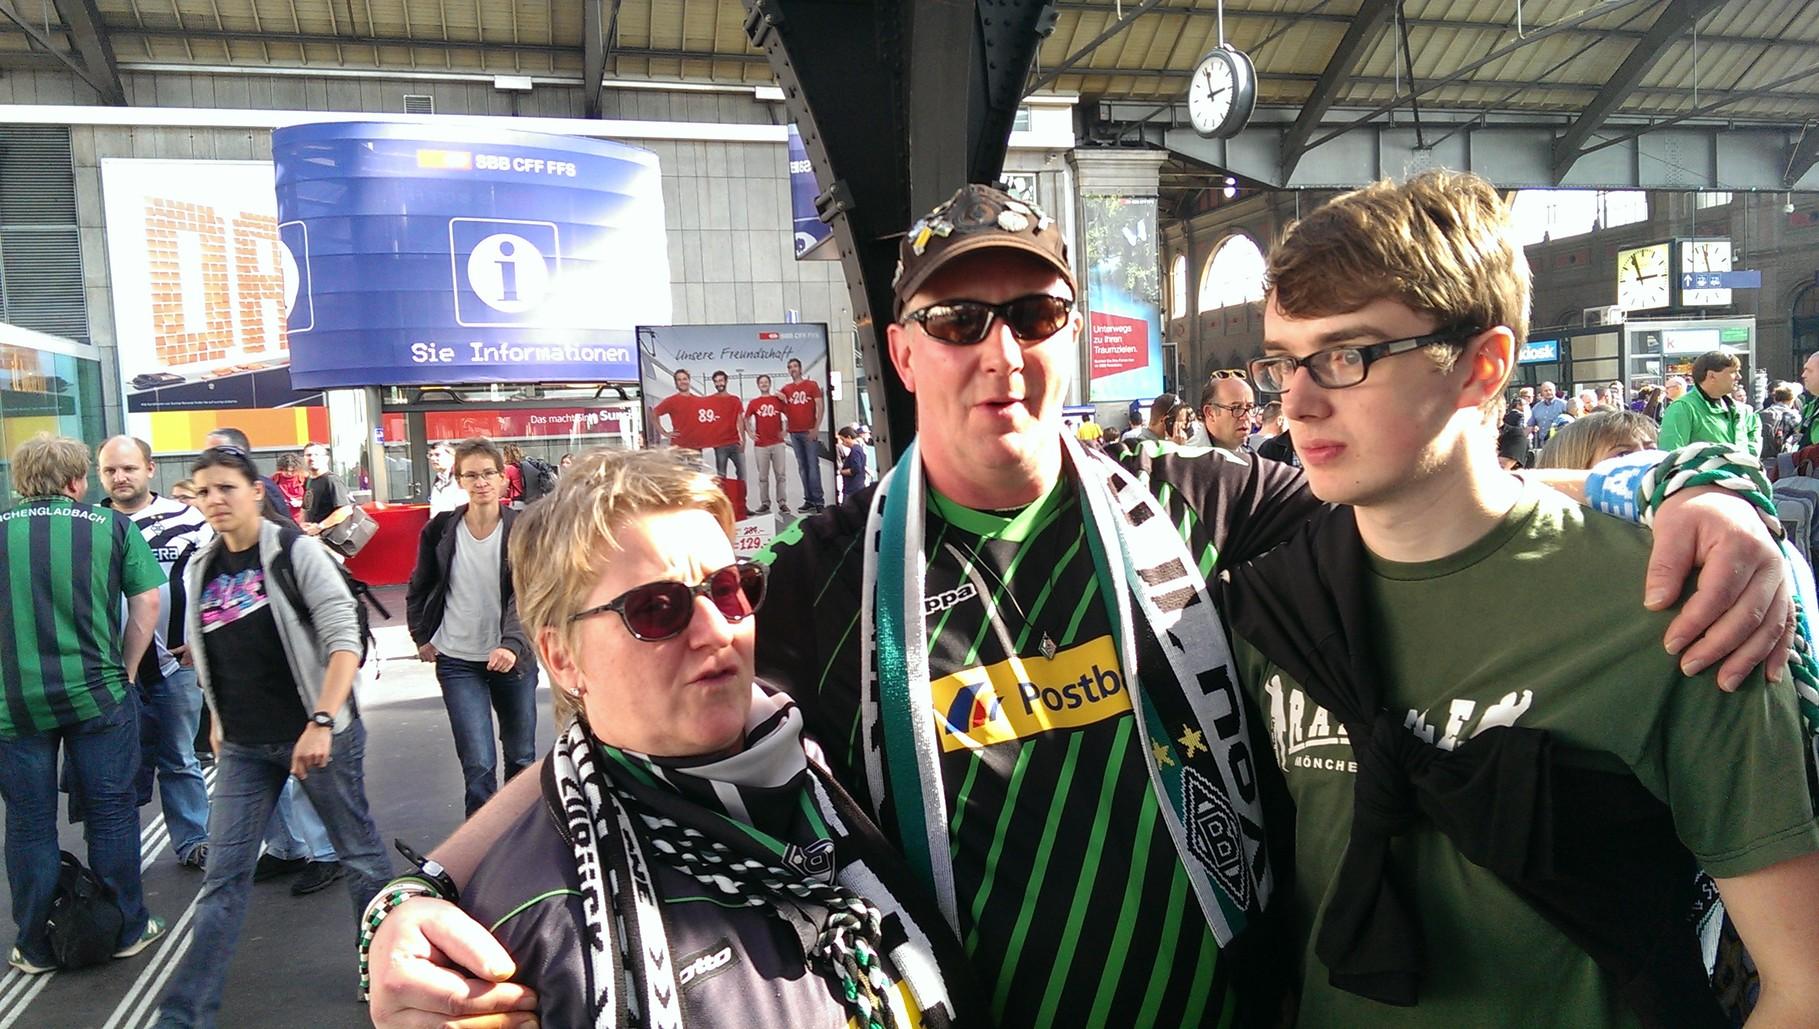 Gerda und Thomas aus M'Gladbach mit Torgen aus Wilhelmshaven